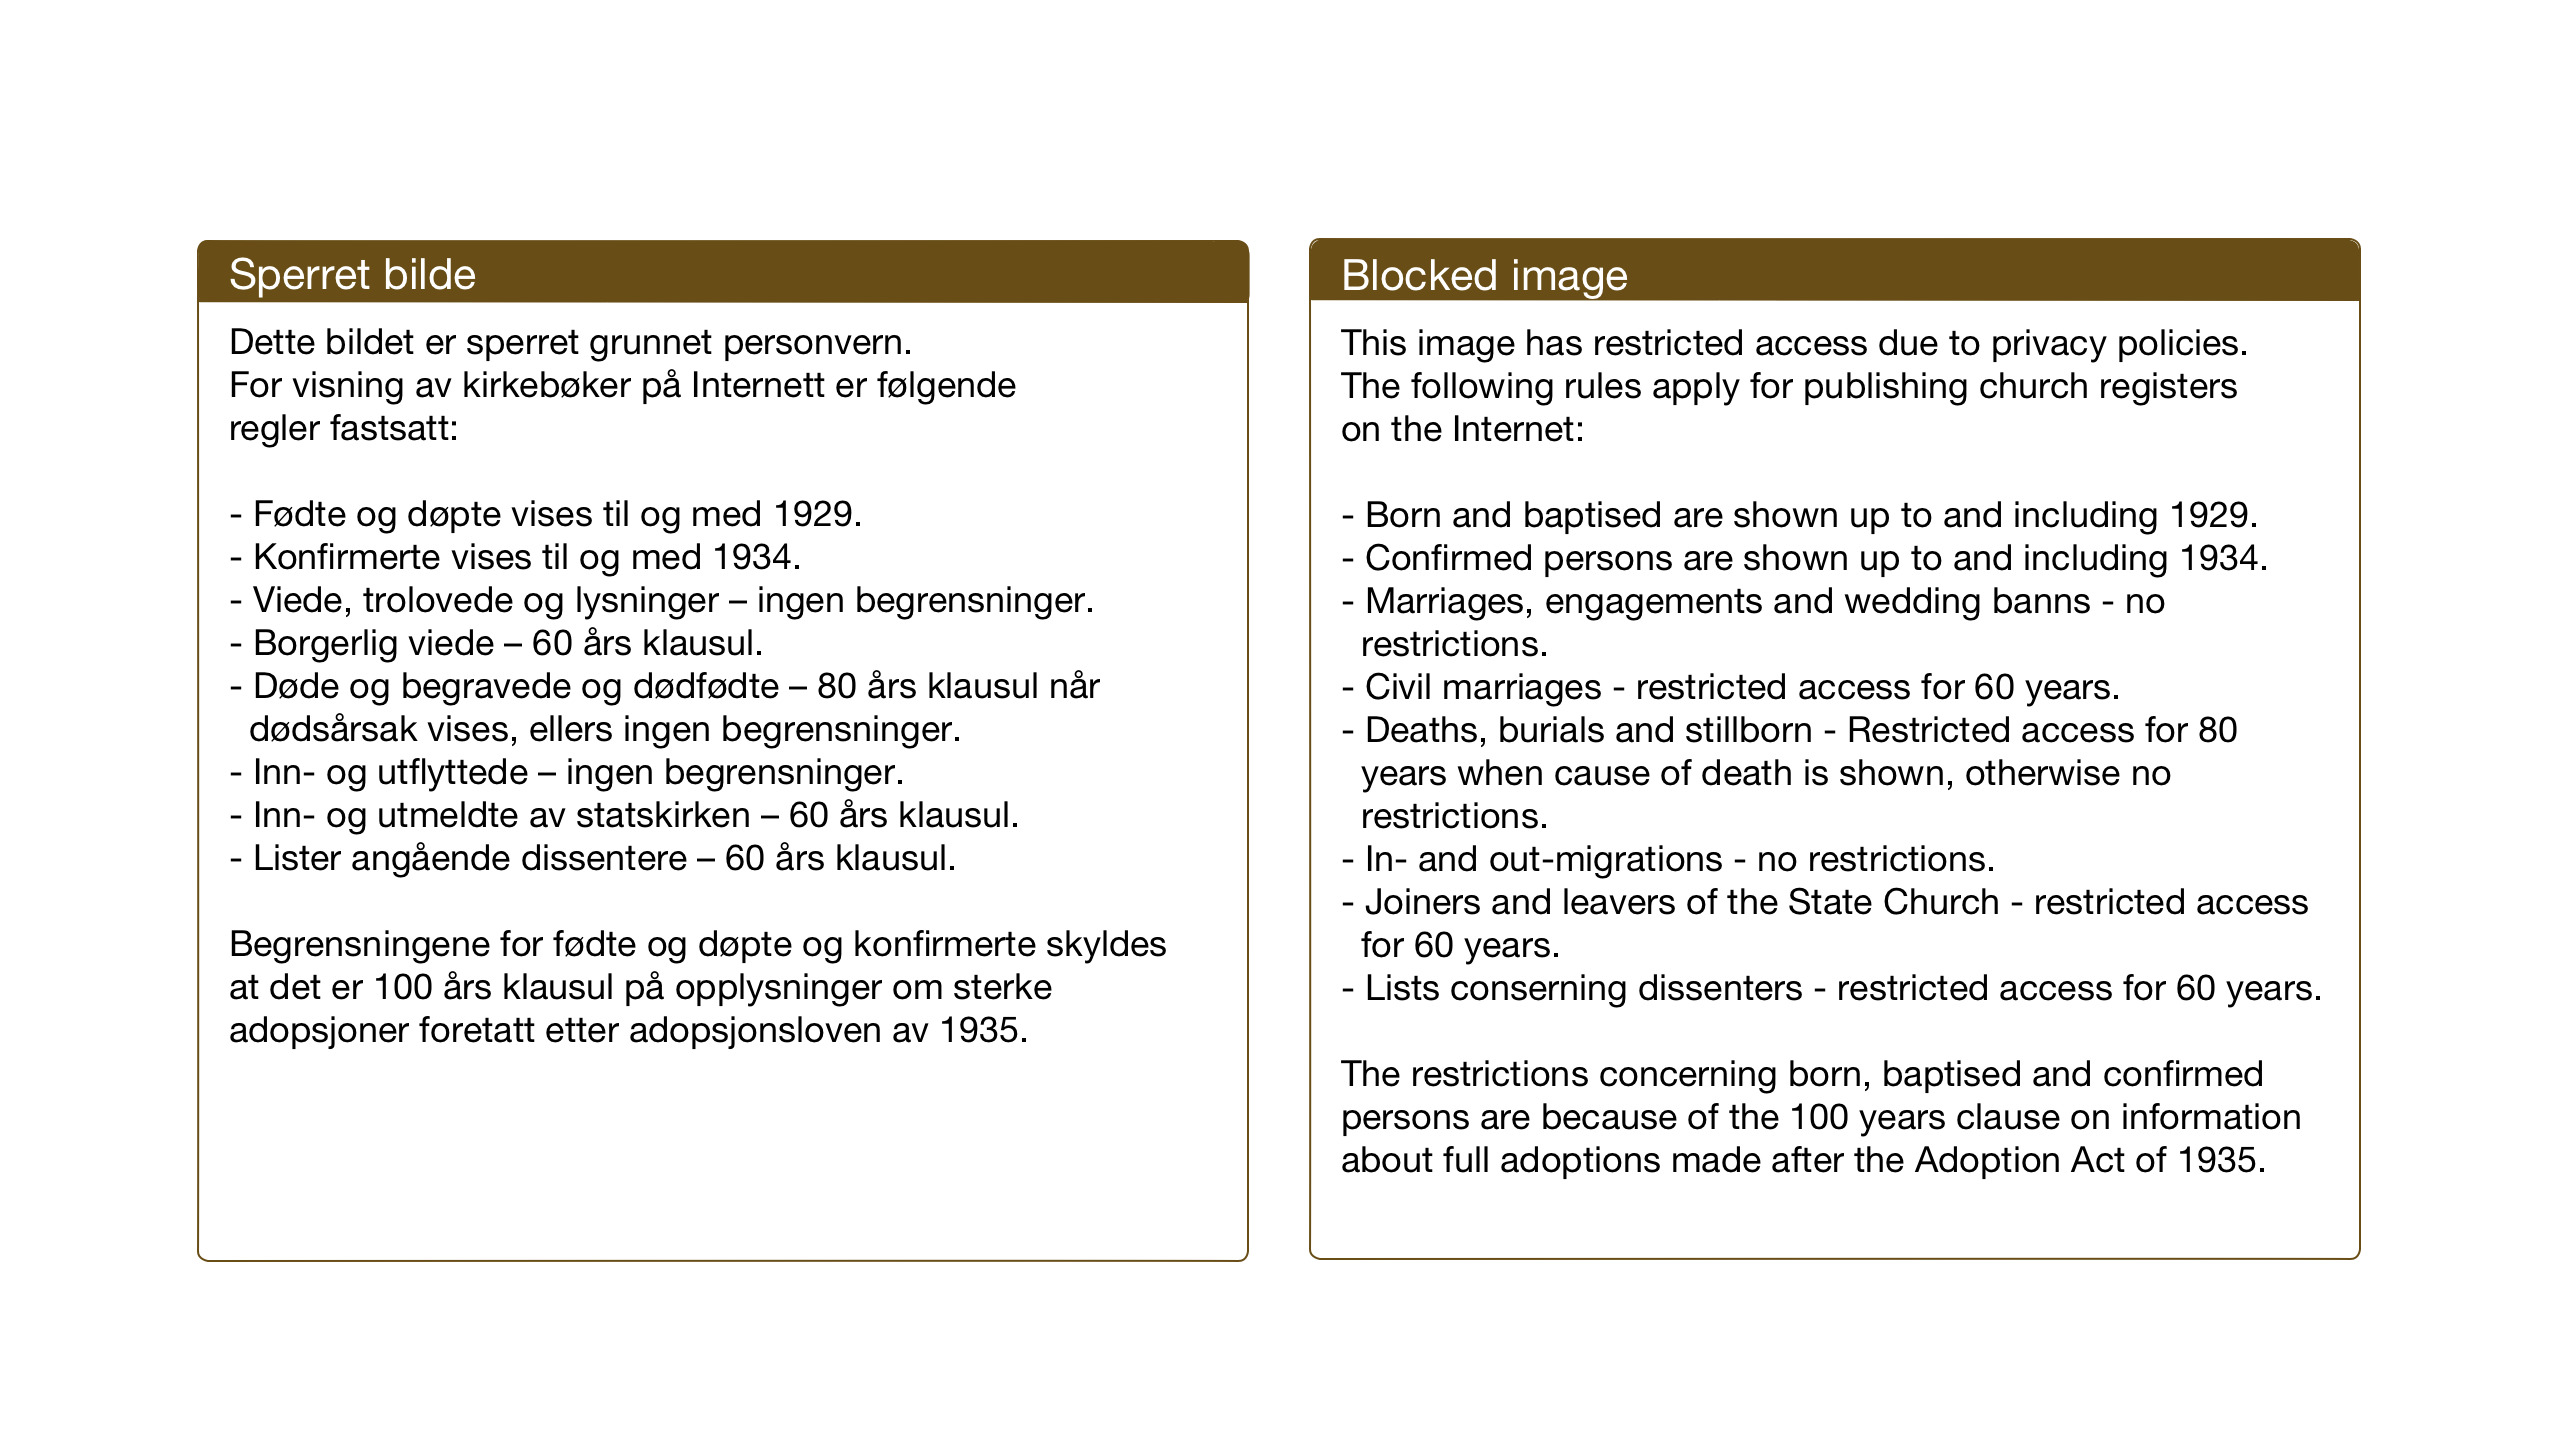 SAT, Ministerialprotokoller, klokkerbøker og fødselsregistre - Nord-Trøndelag, 755/L0500: Klokkerbok nr. 755C01, 1920-1962, s. 179